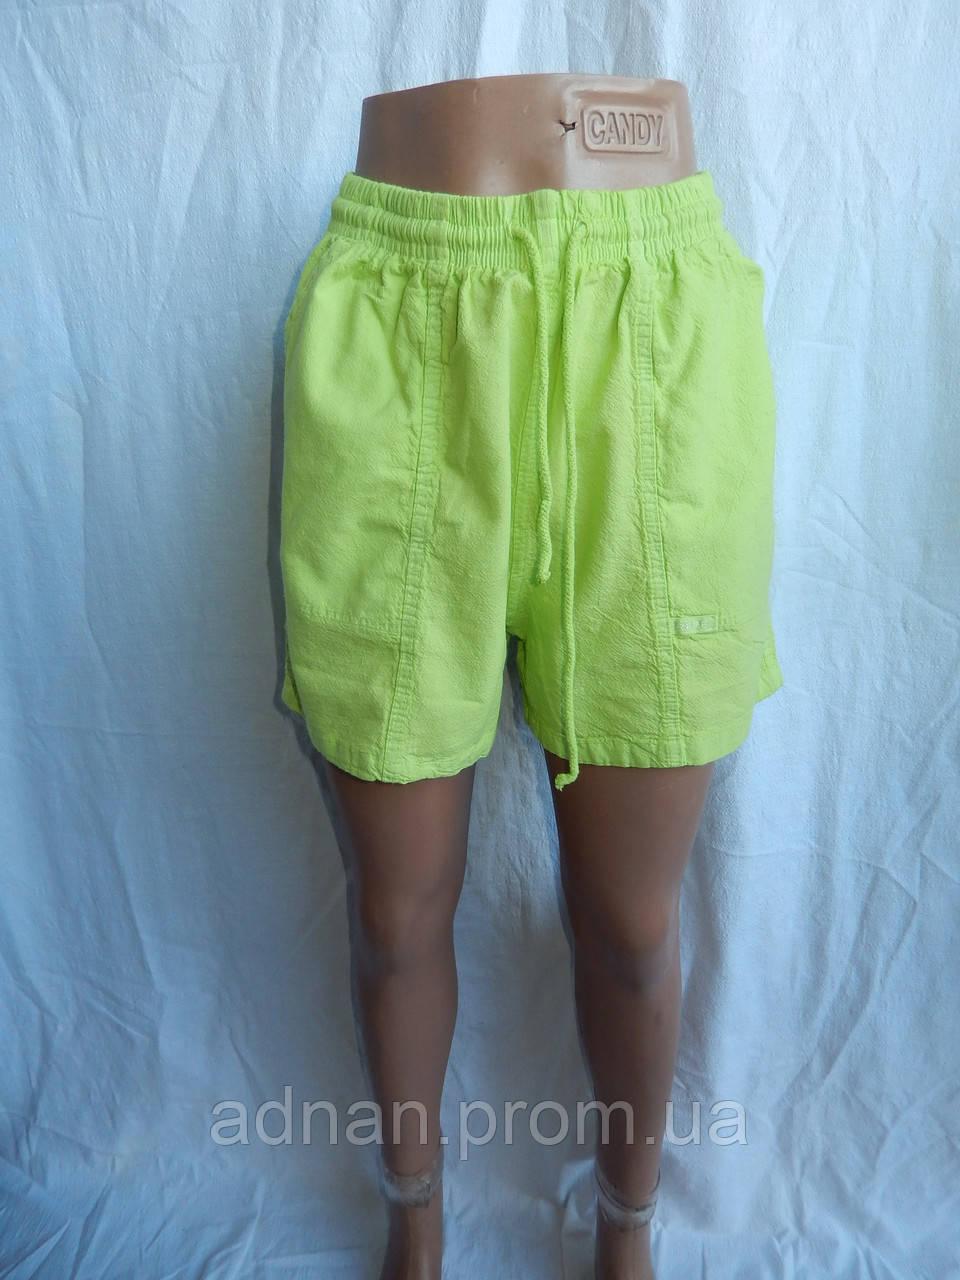 Женские шорты, жатка норма 002, / купить шорты женские оптом